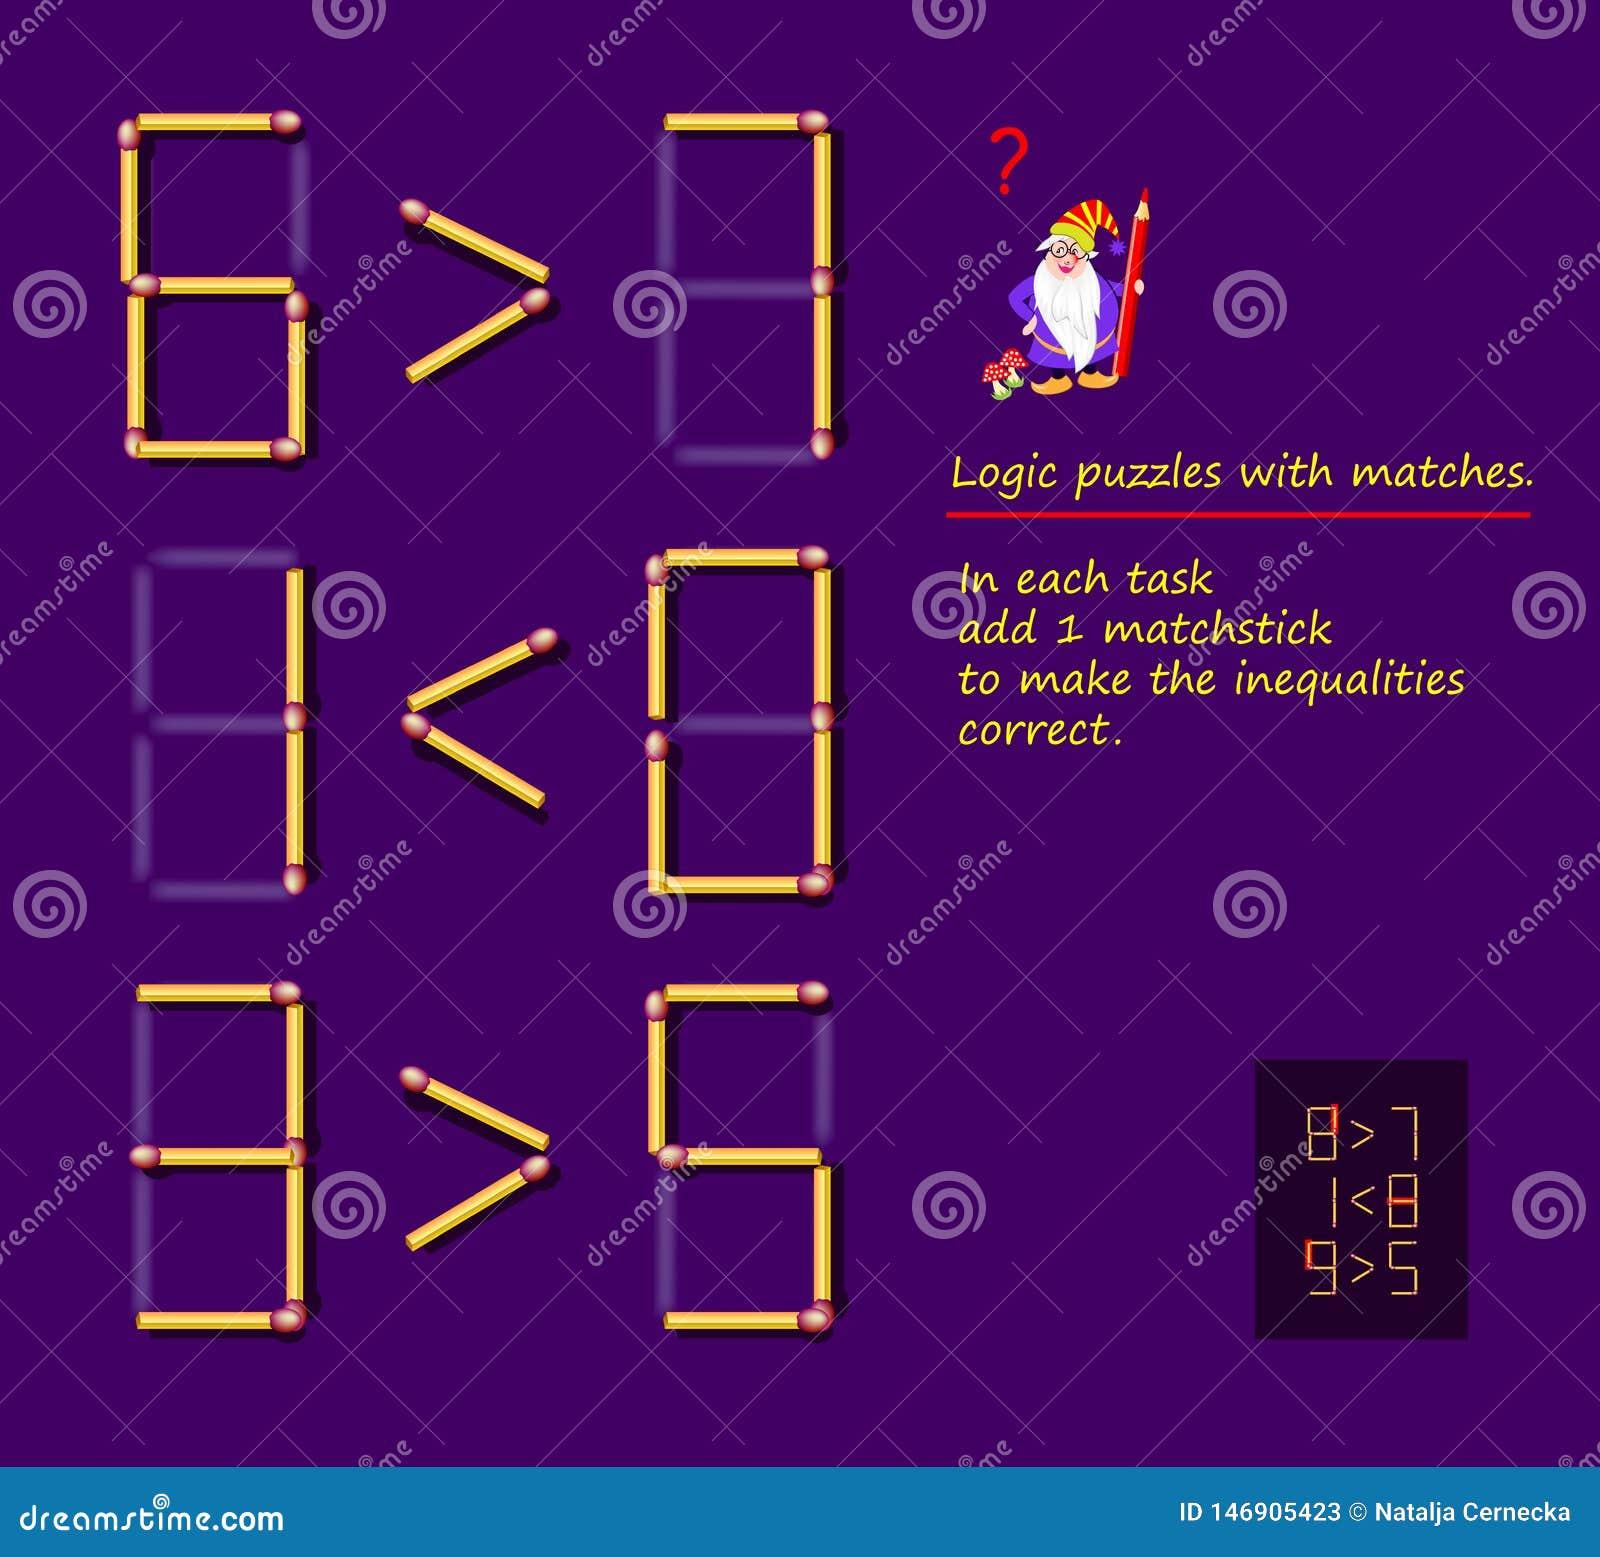 与比赛的逻辑难题比赛 在每项任务增加1火柴梗使不平等正确 难题的可印的页